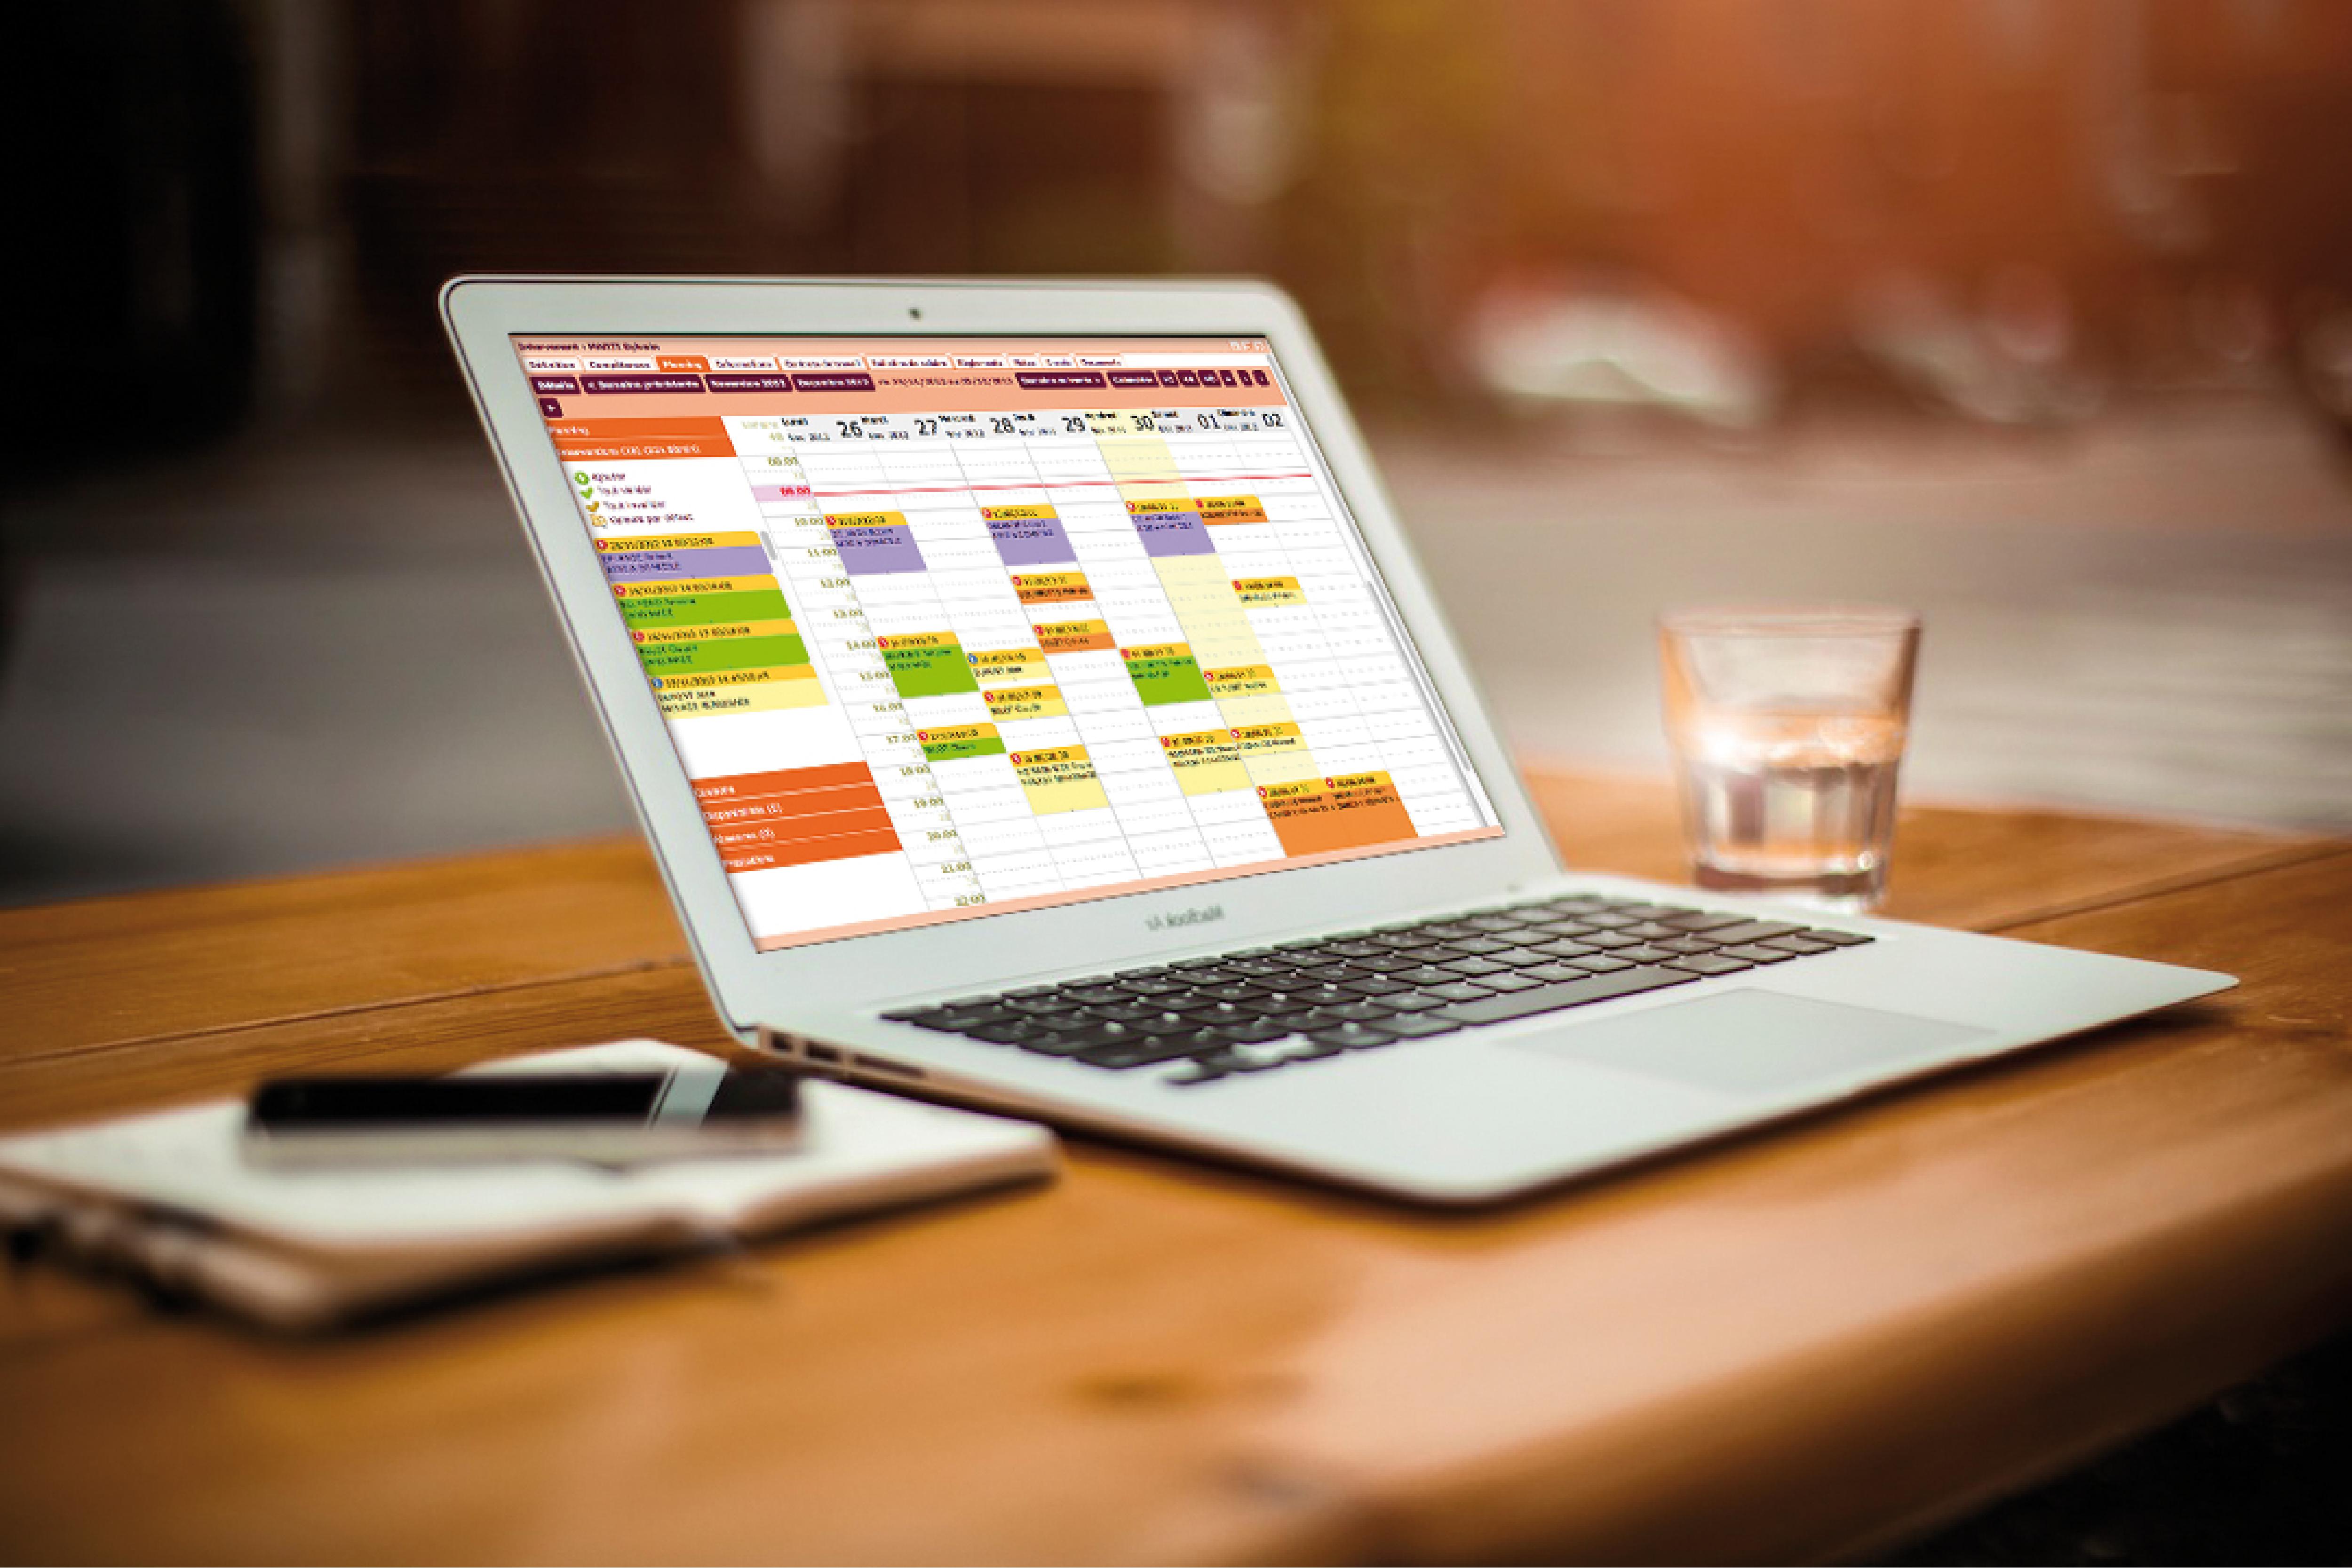 Logiciel de gestion des société de services - télécharger la documentation